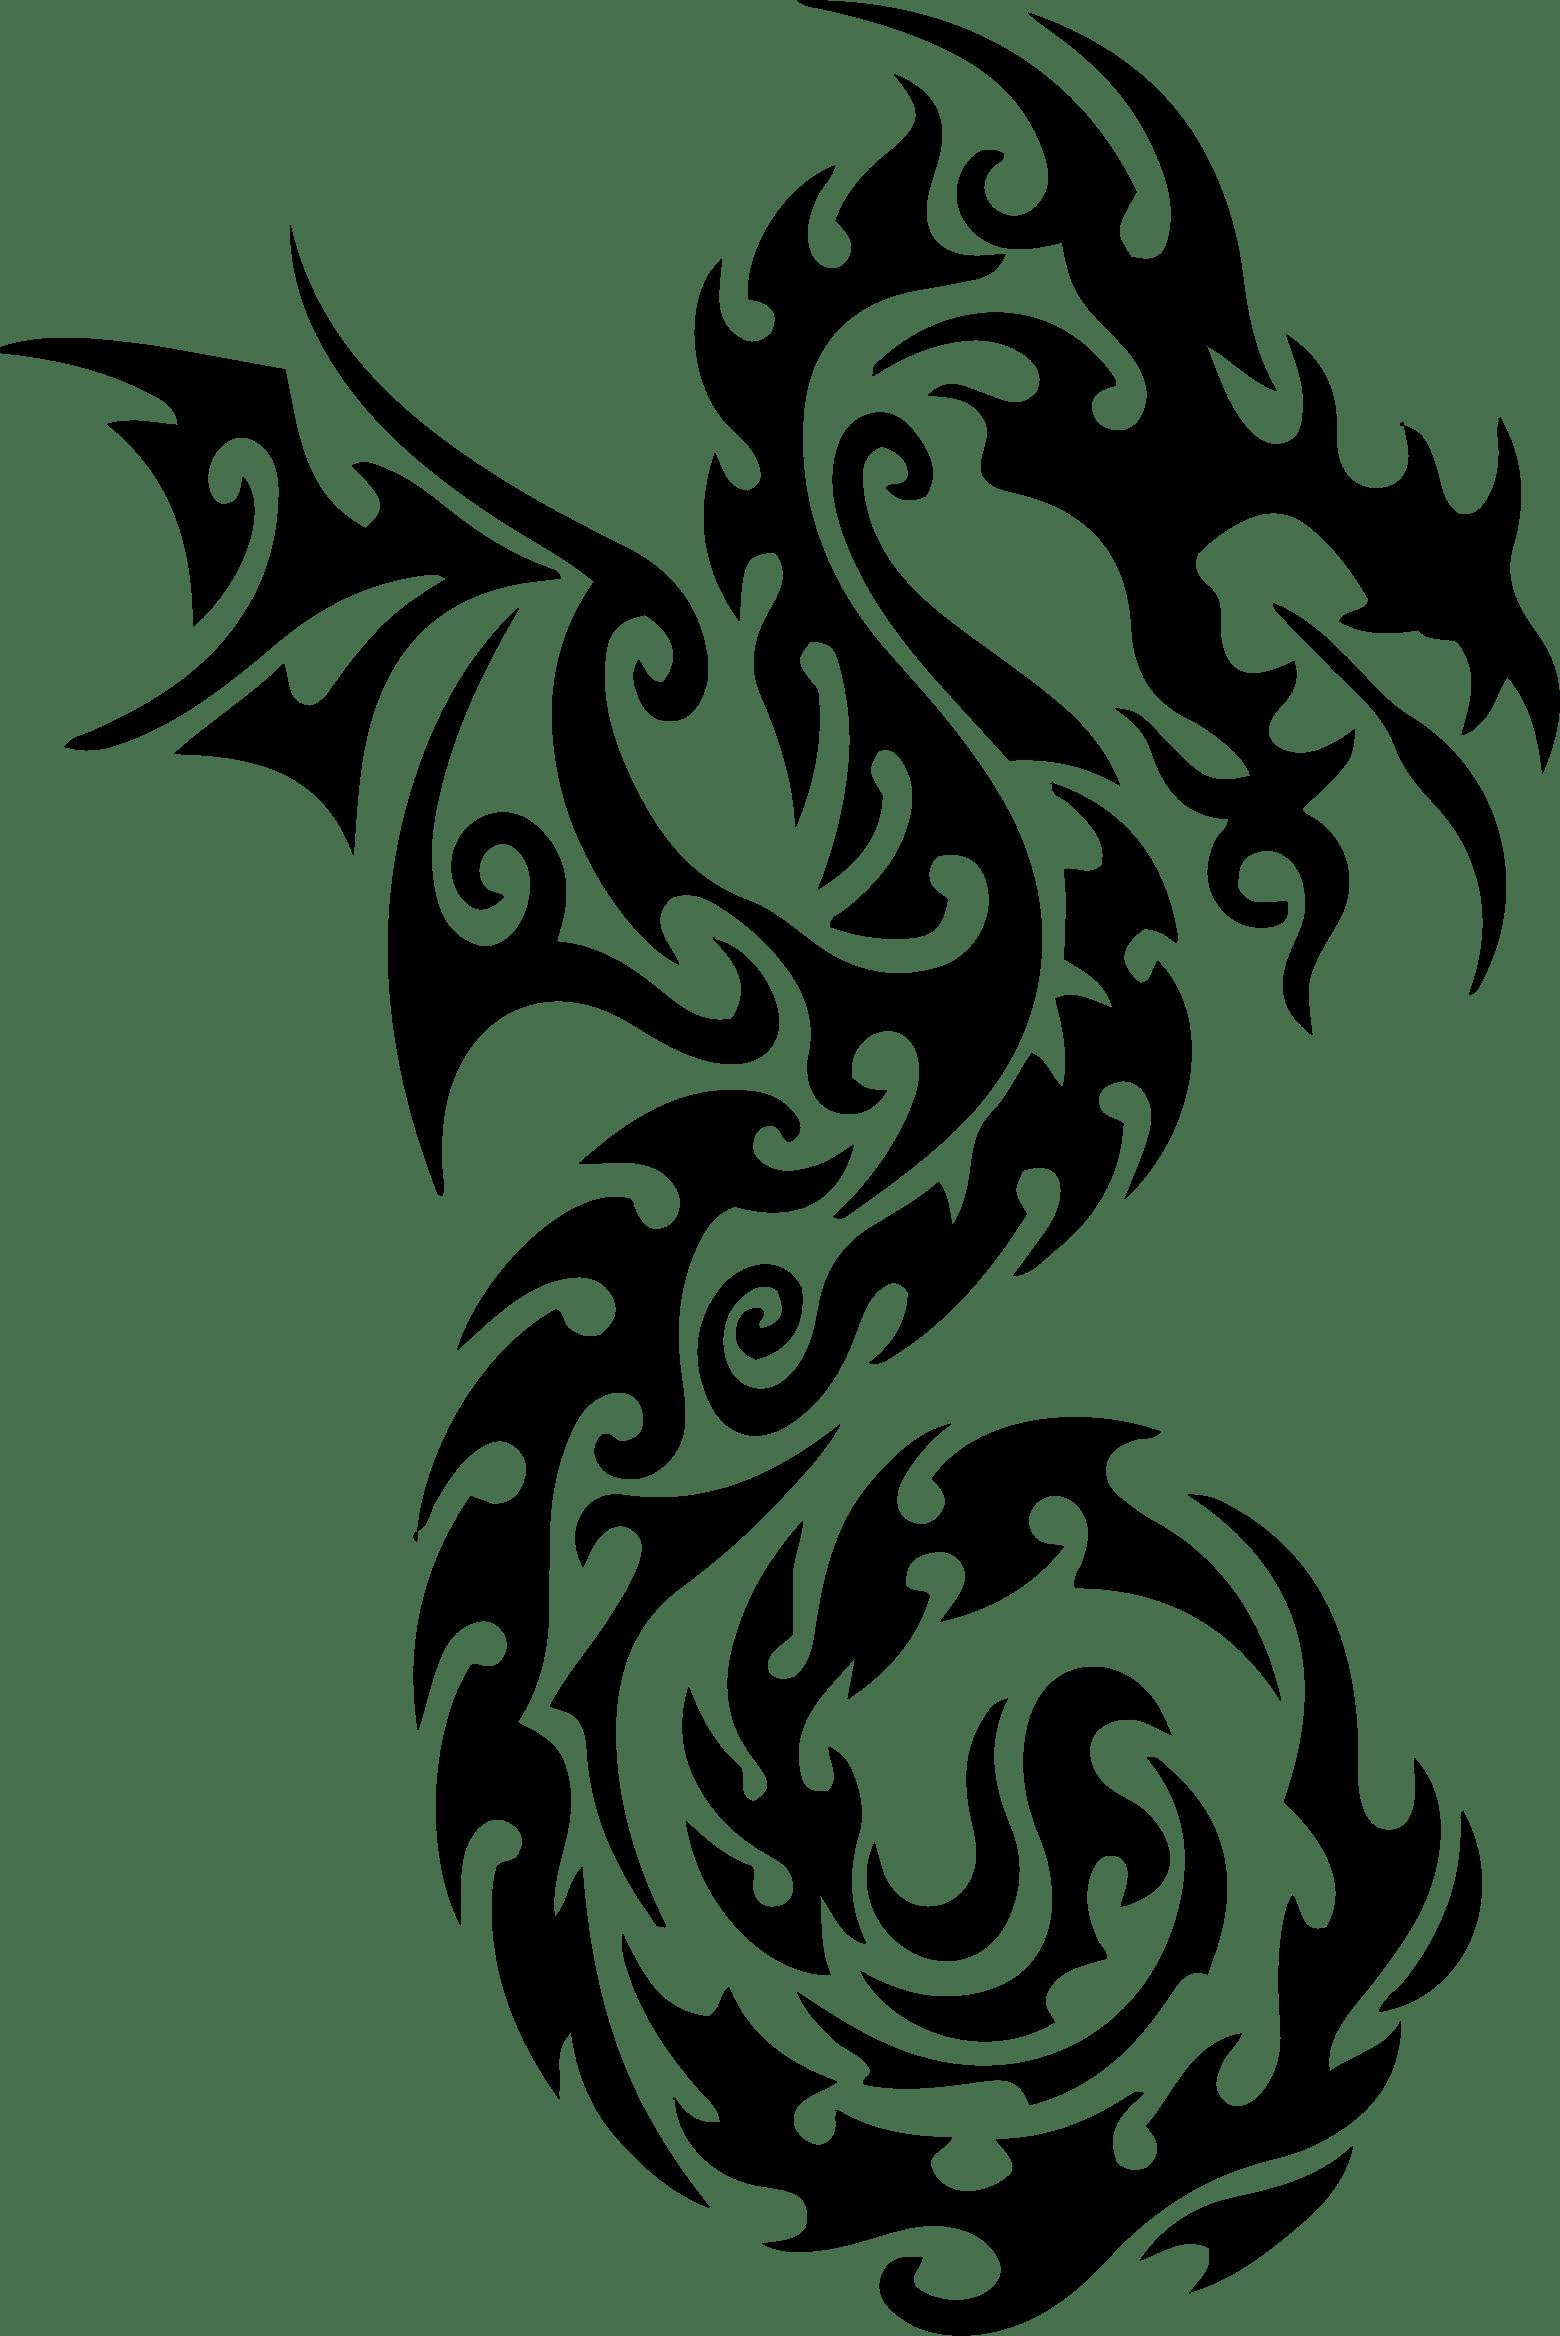 Картинка дракона черно белая